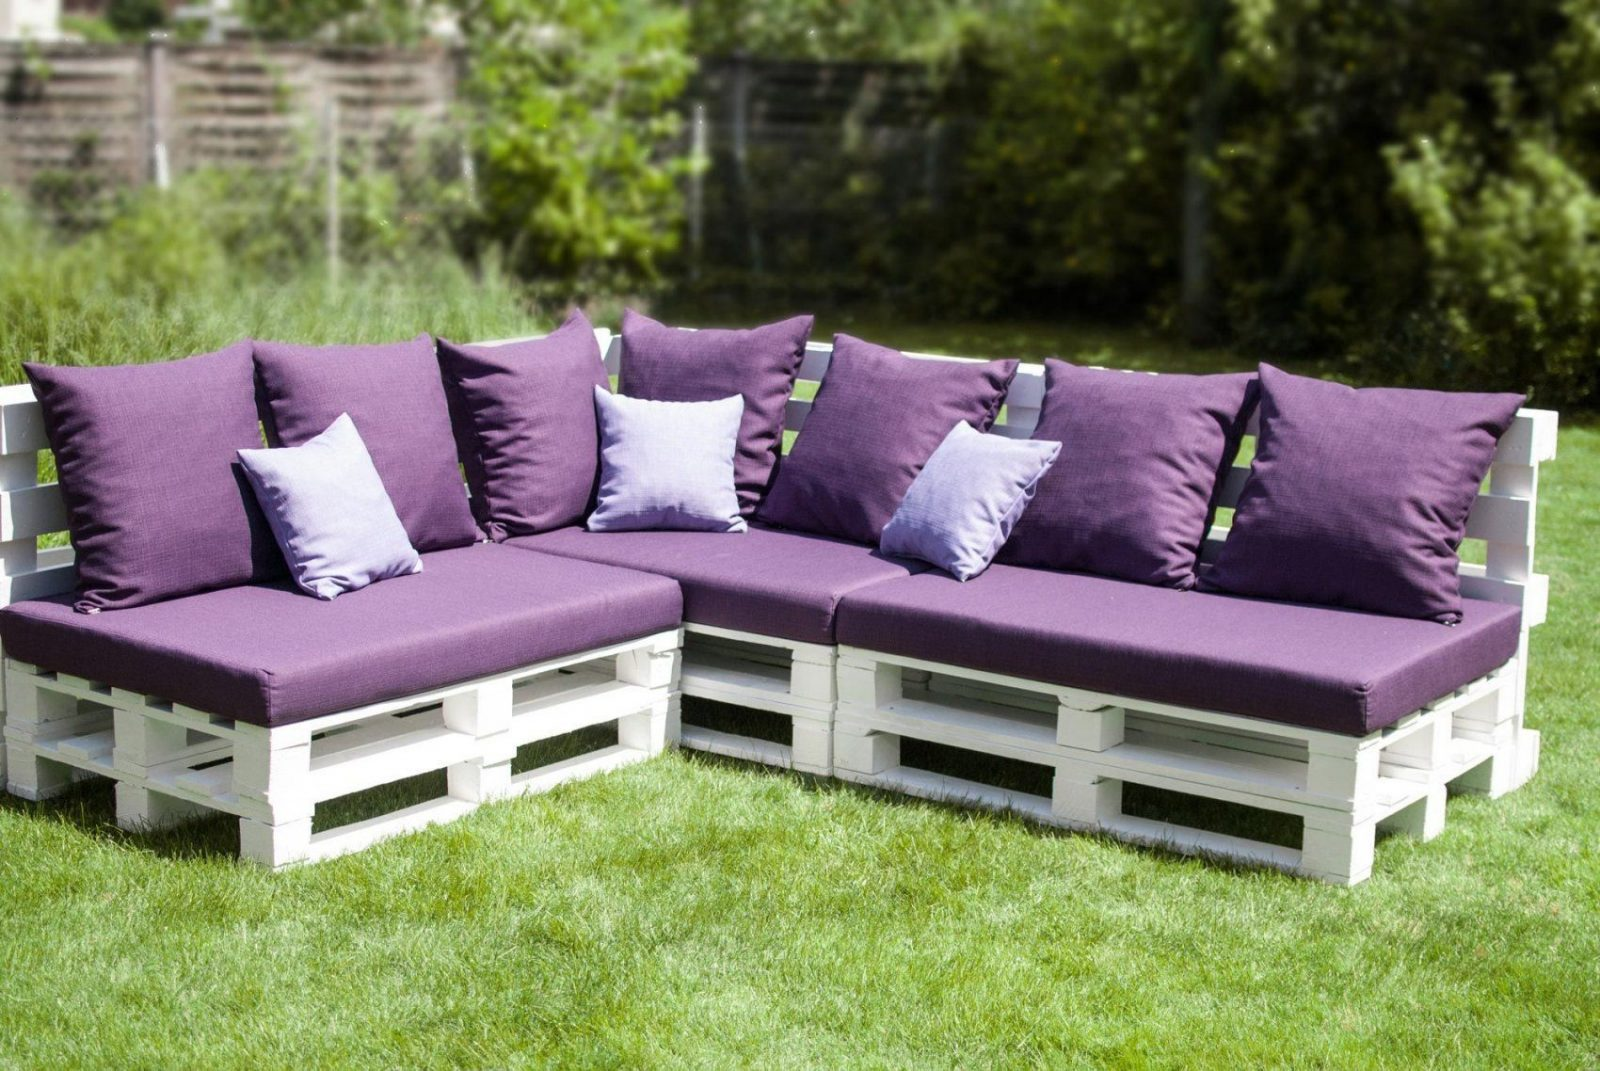 Diy Outdoor Couch Aus Europaletten Httpblogwohnguidediy von Garten Lounge Aus Paletten Selber Bauen Bild